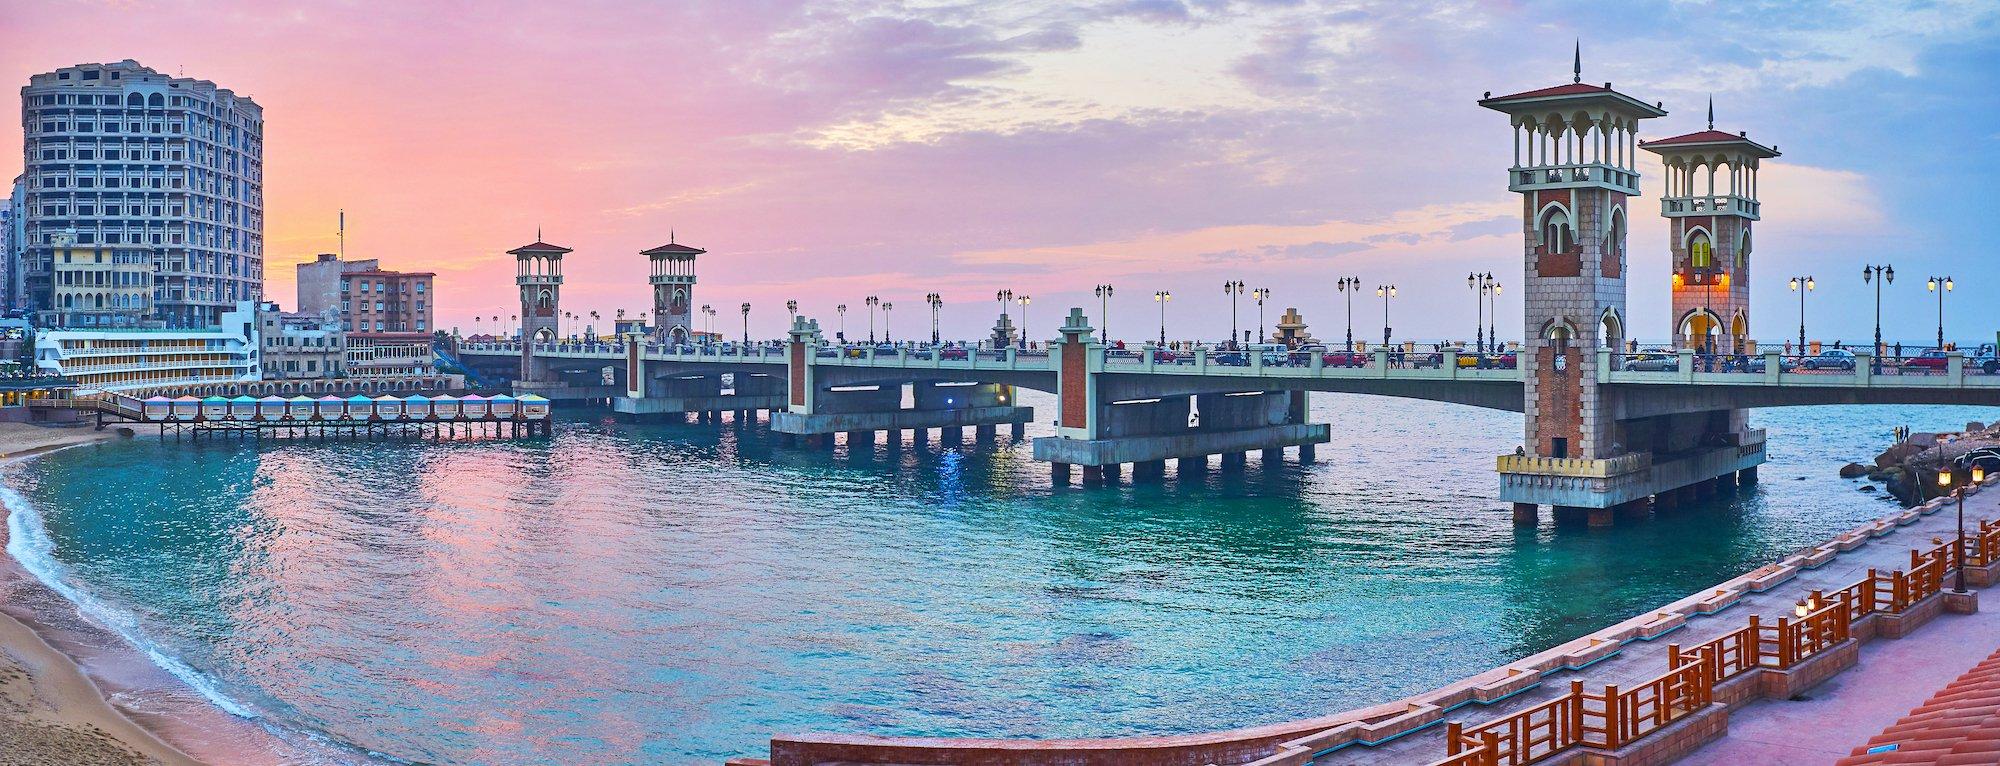 Alexandria Travel